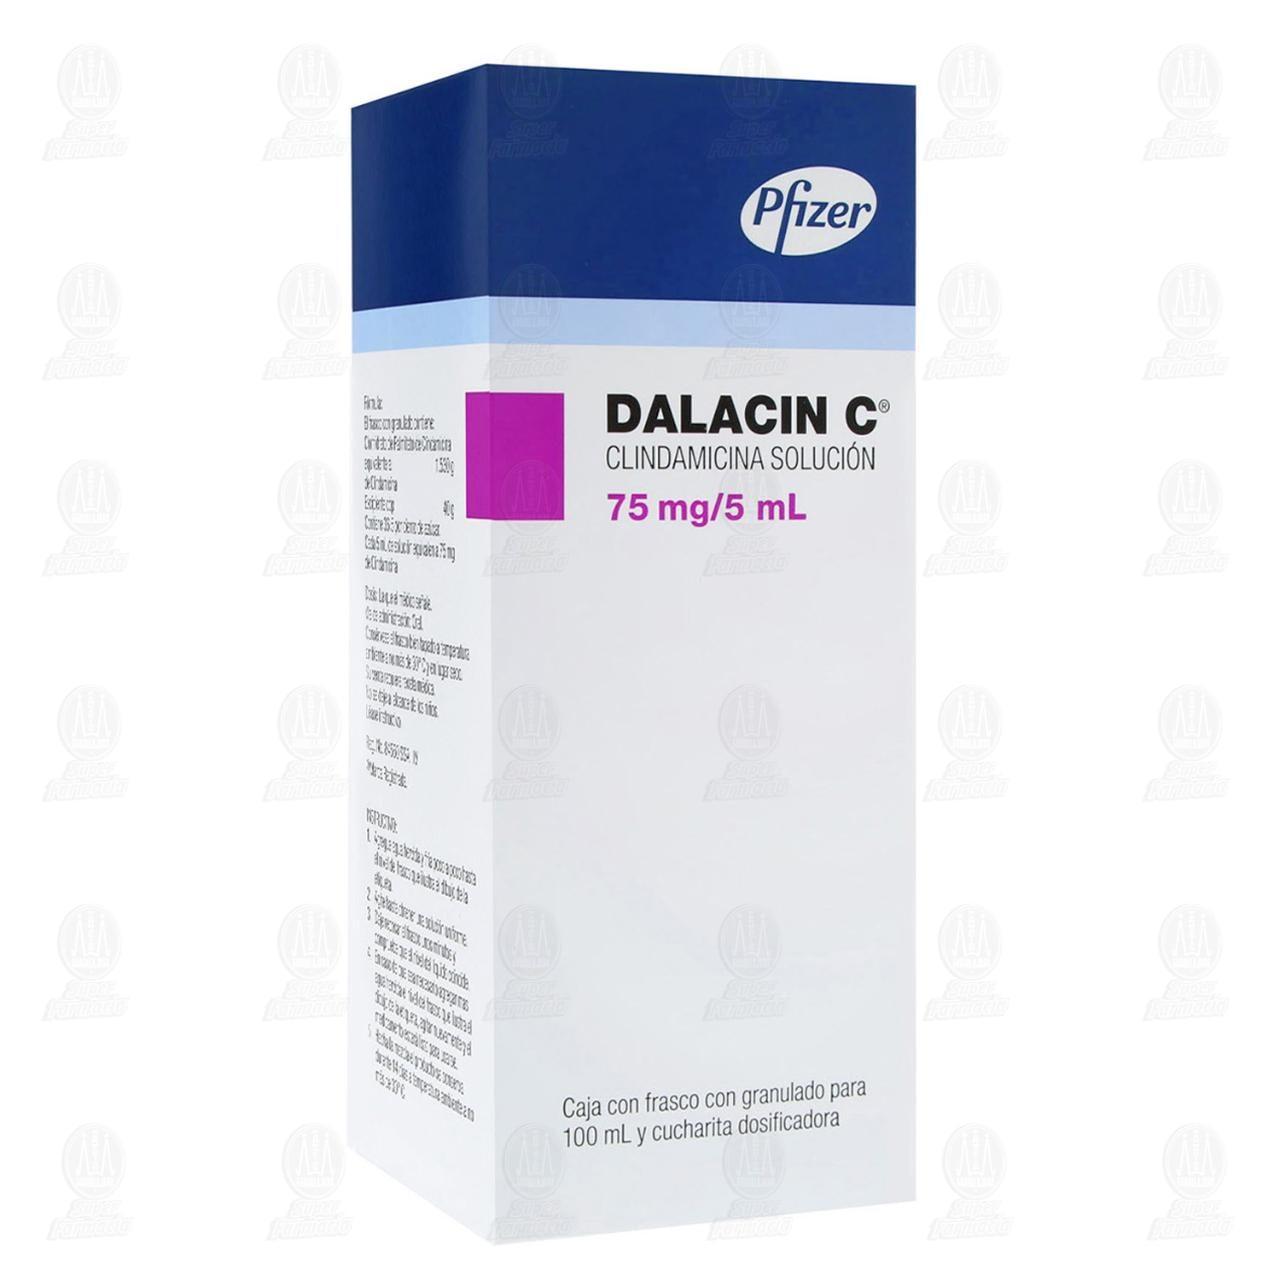 Comprar Dalacin C 75mg/5ml 100ml Solución en Farmacias Guadalajara